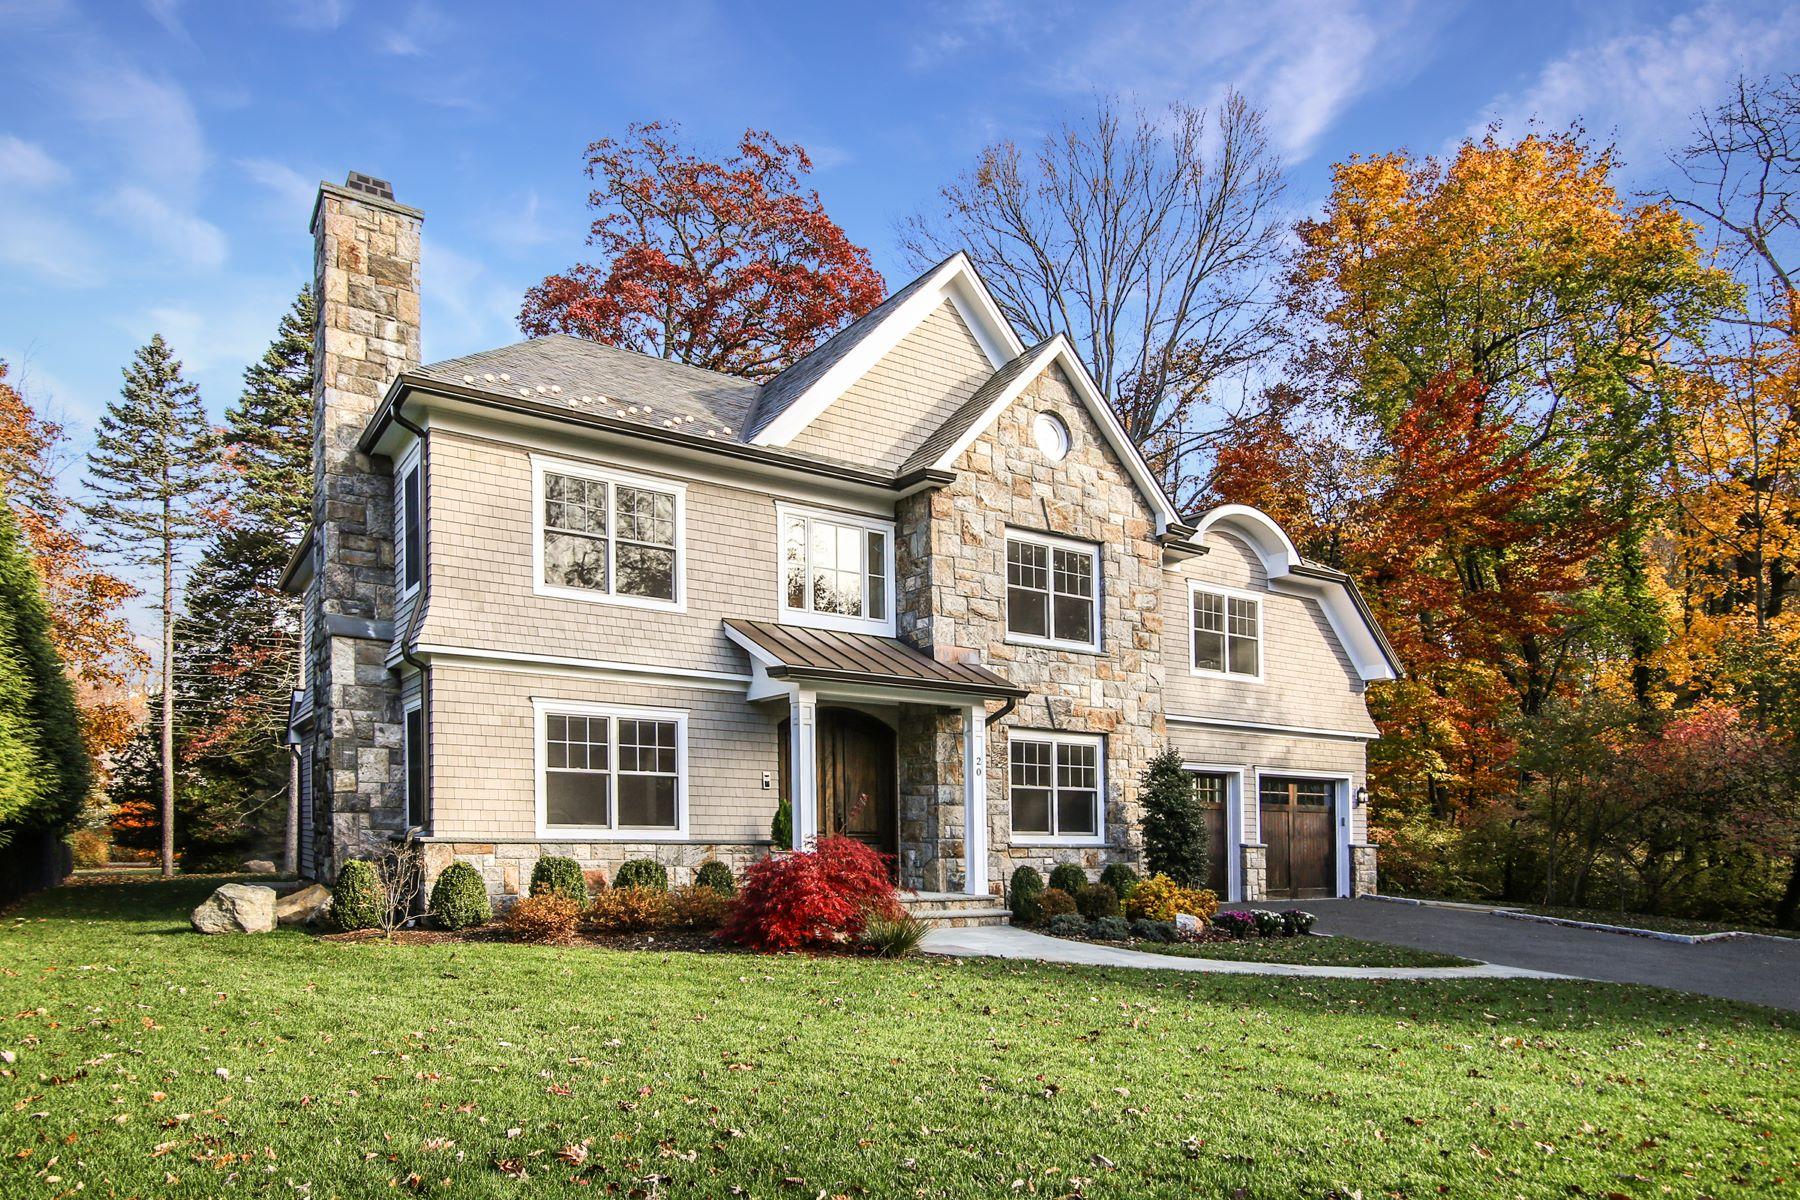 独户住宅 为 销售 在 Gorgeous Sherbrooke Park Colonial 20 Brookline Road 斯卡斯代尔, 纽约 10583 美国